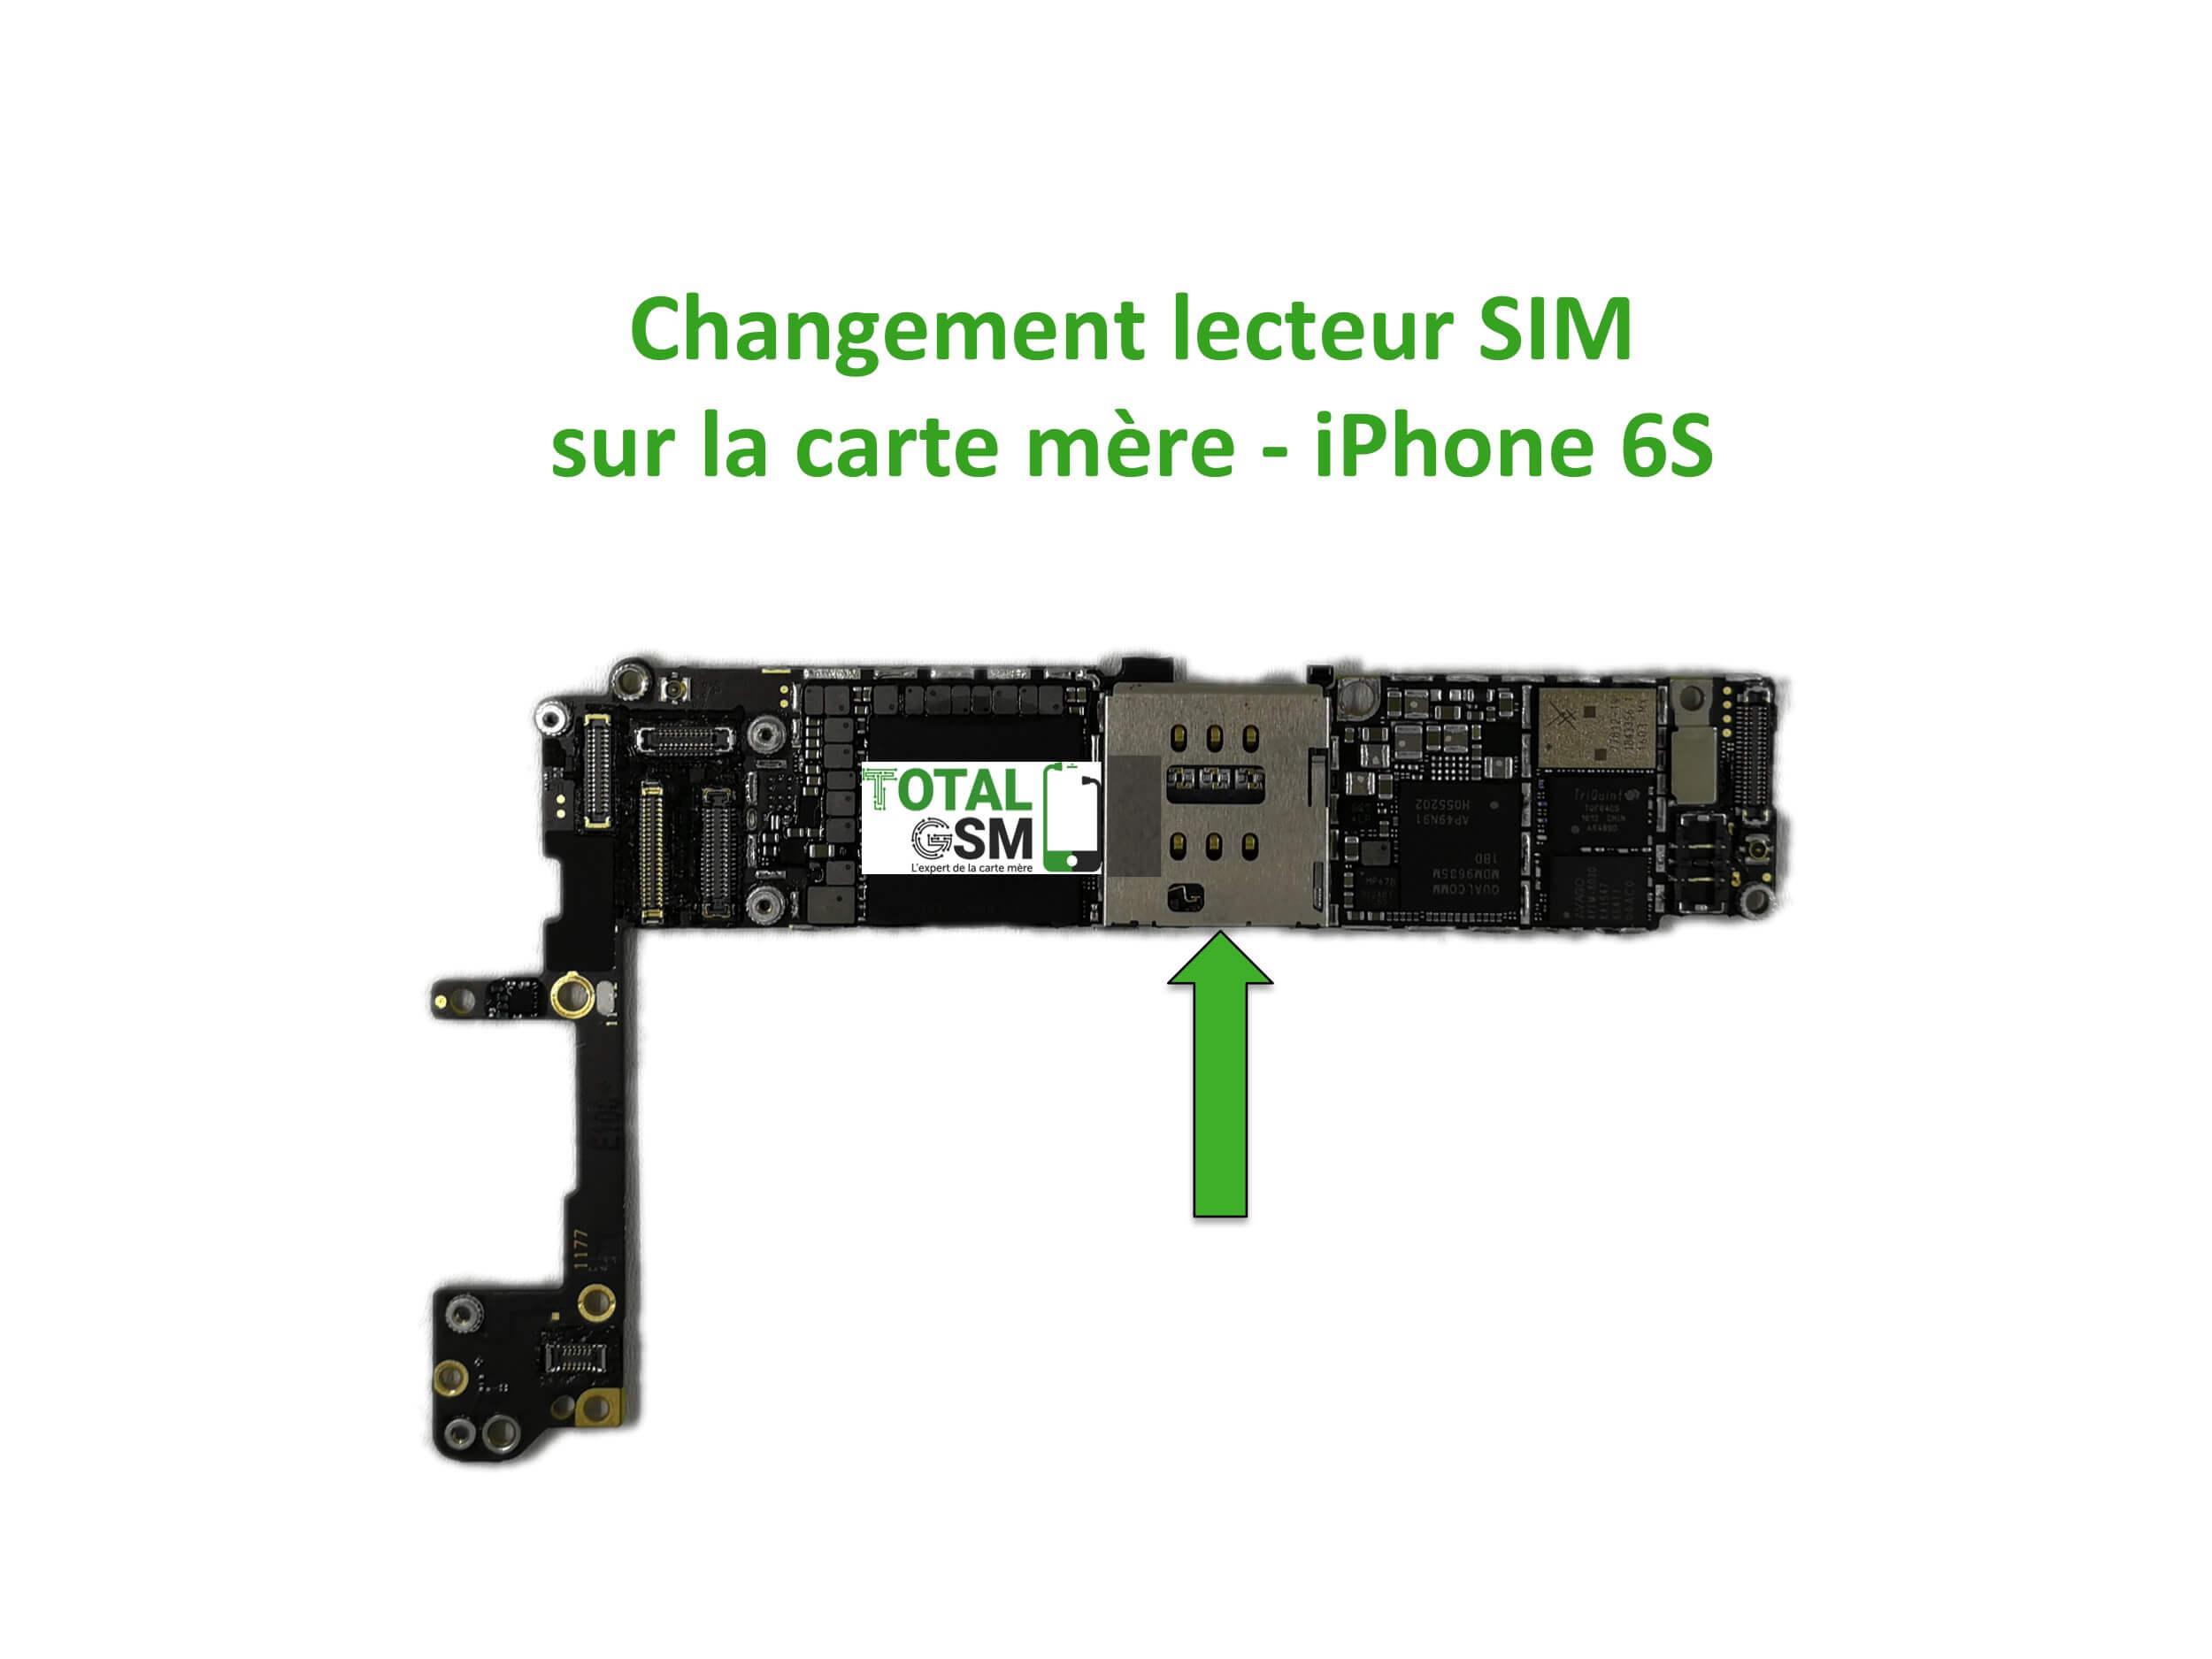 carte mère iphone 6s Changement / Réparation lecteur SIM sur carte mère iPhone 6S